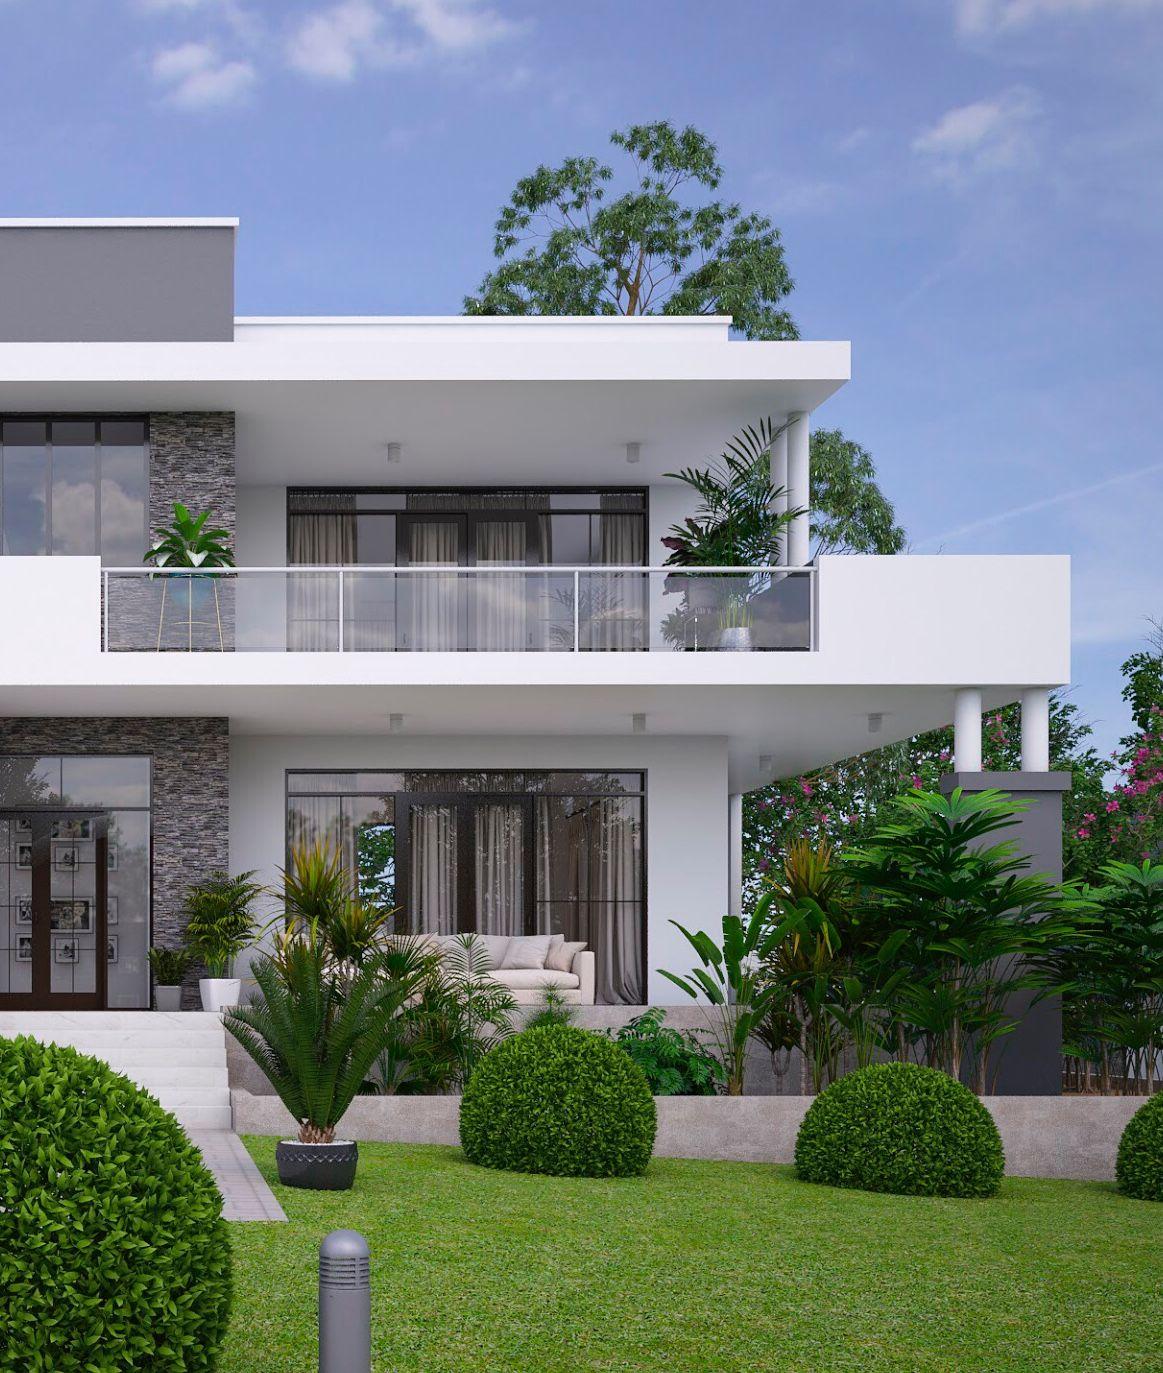 Fachada Casa Dos Pisos Idea 3 Fachadas De Casas Casas Luxuosas Fachadas De Casas Terreas